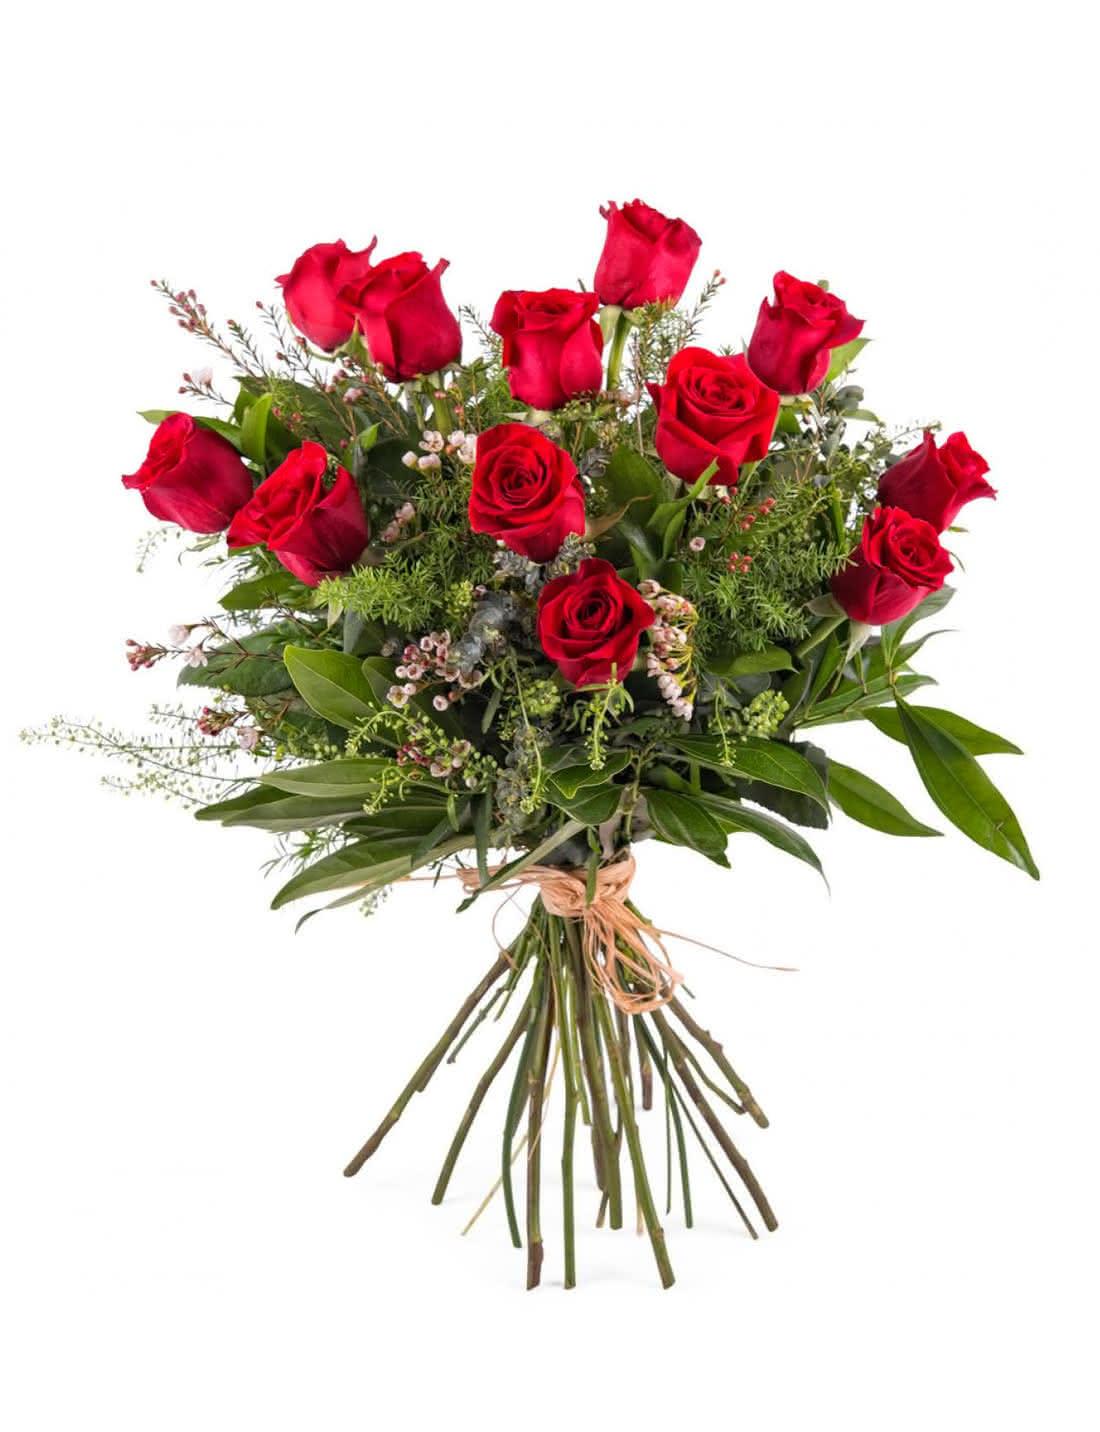 Ramos de flores frescas para regalar por San Valentín